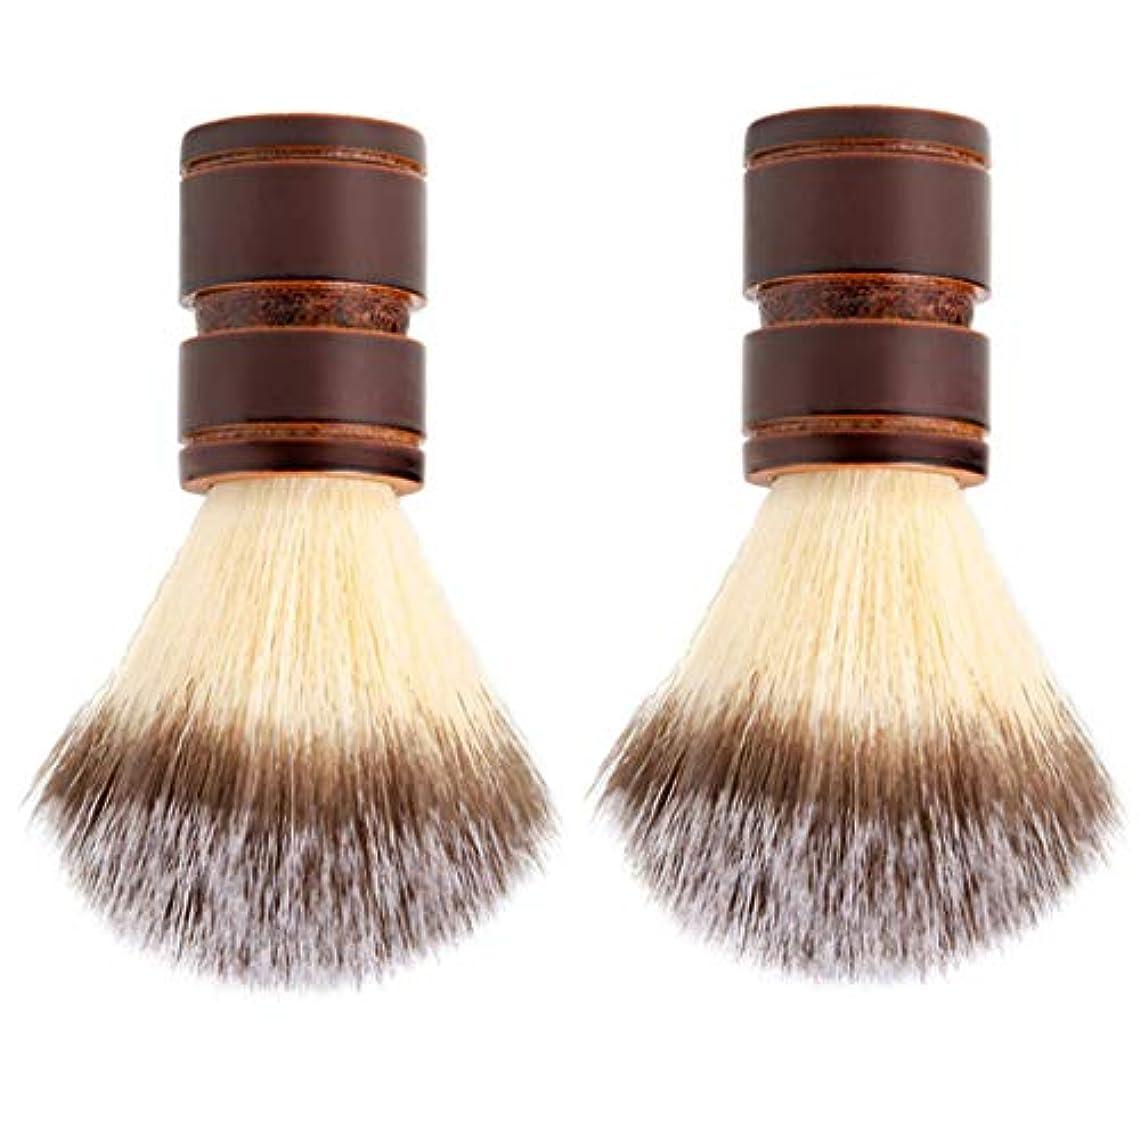 形魂アルカイックdailymall 木のハンドルが付いている2xナイロン毛の剃るブラシ個人的な専門の剃る